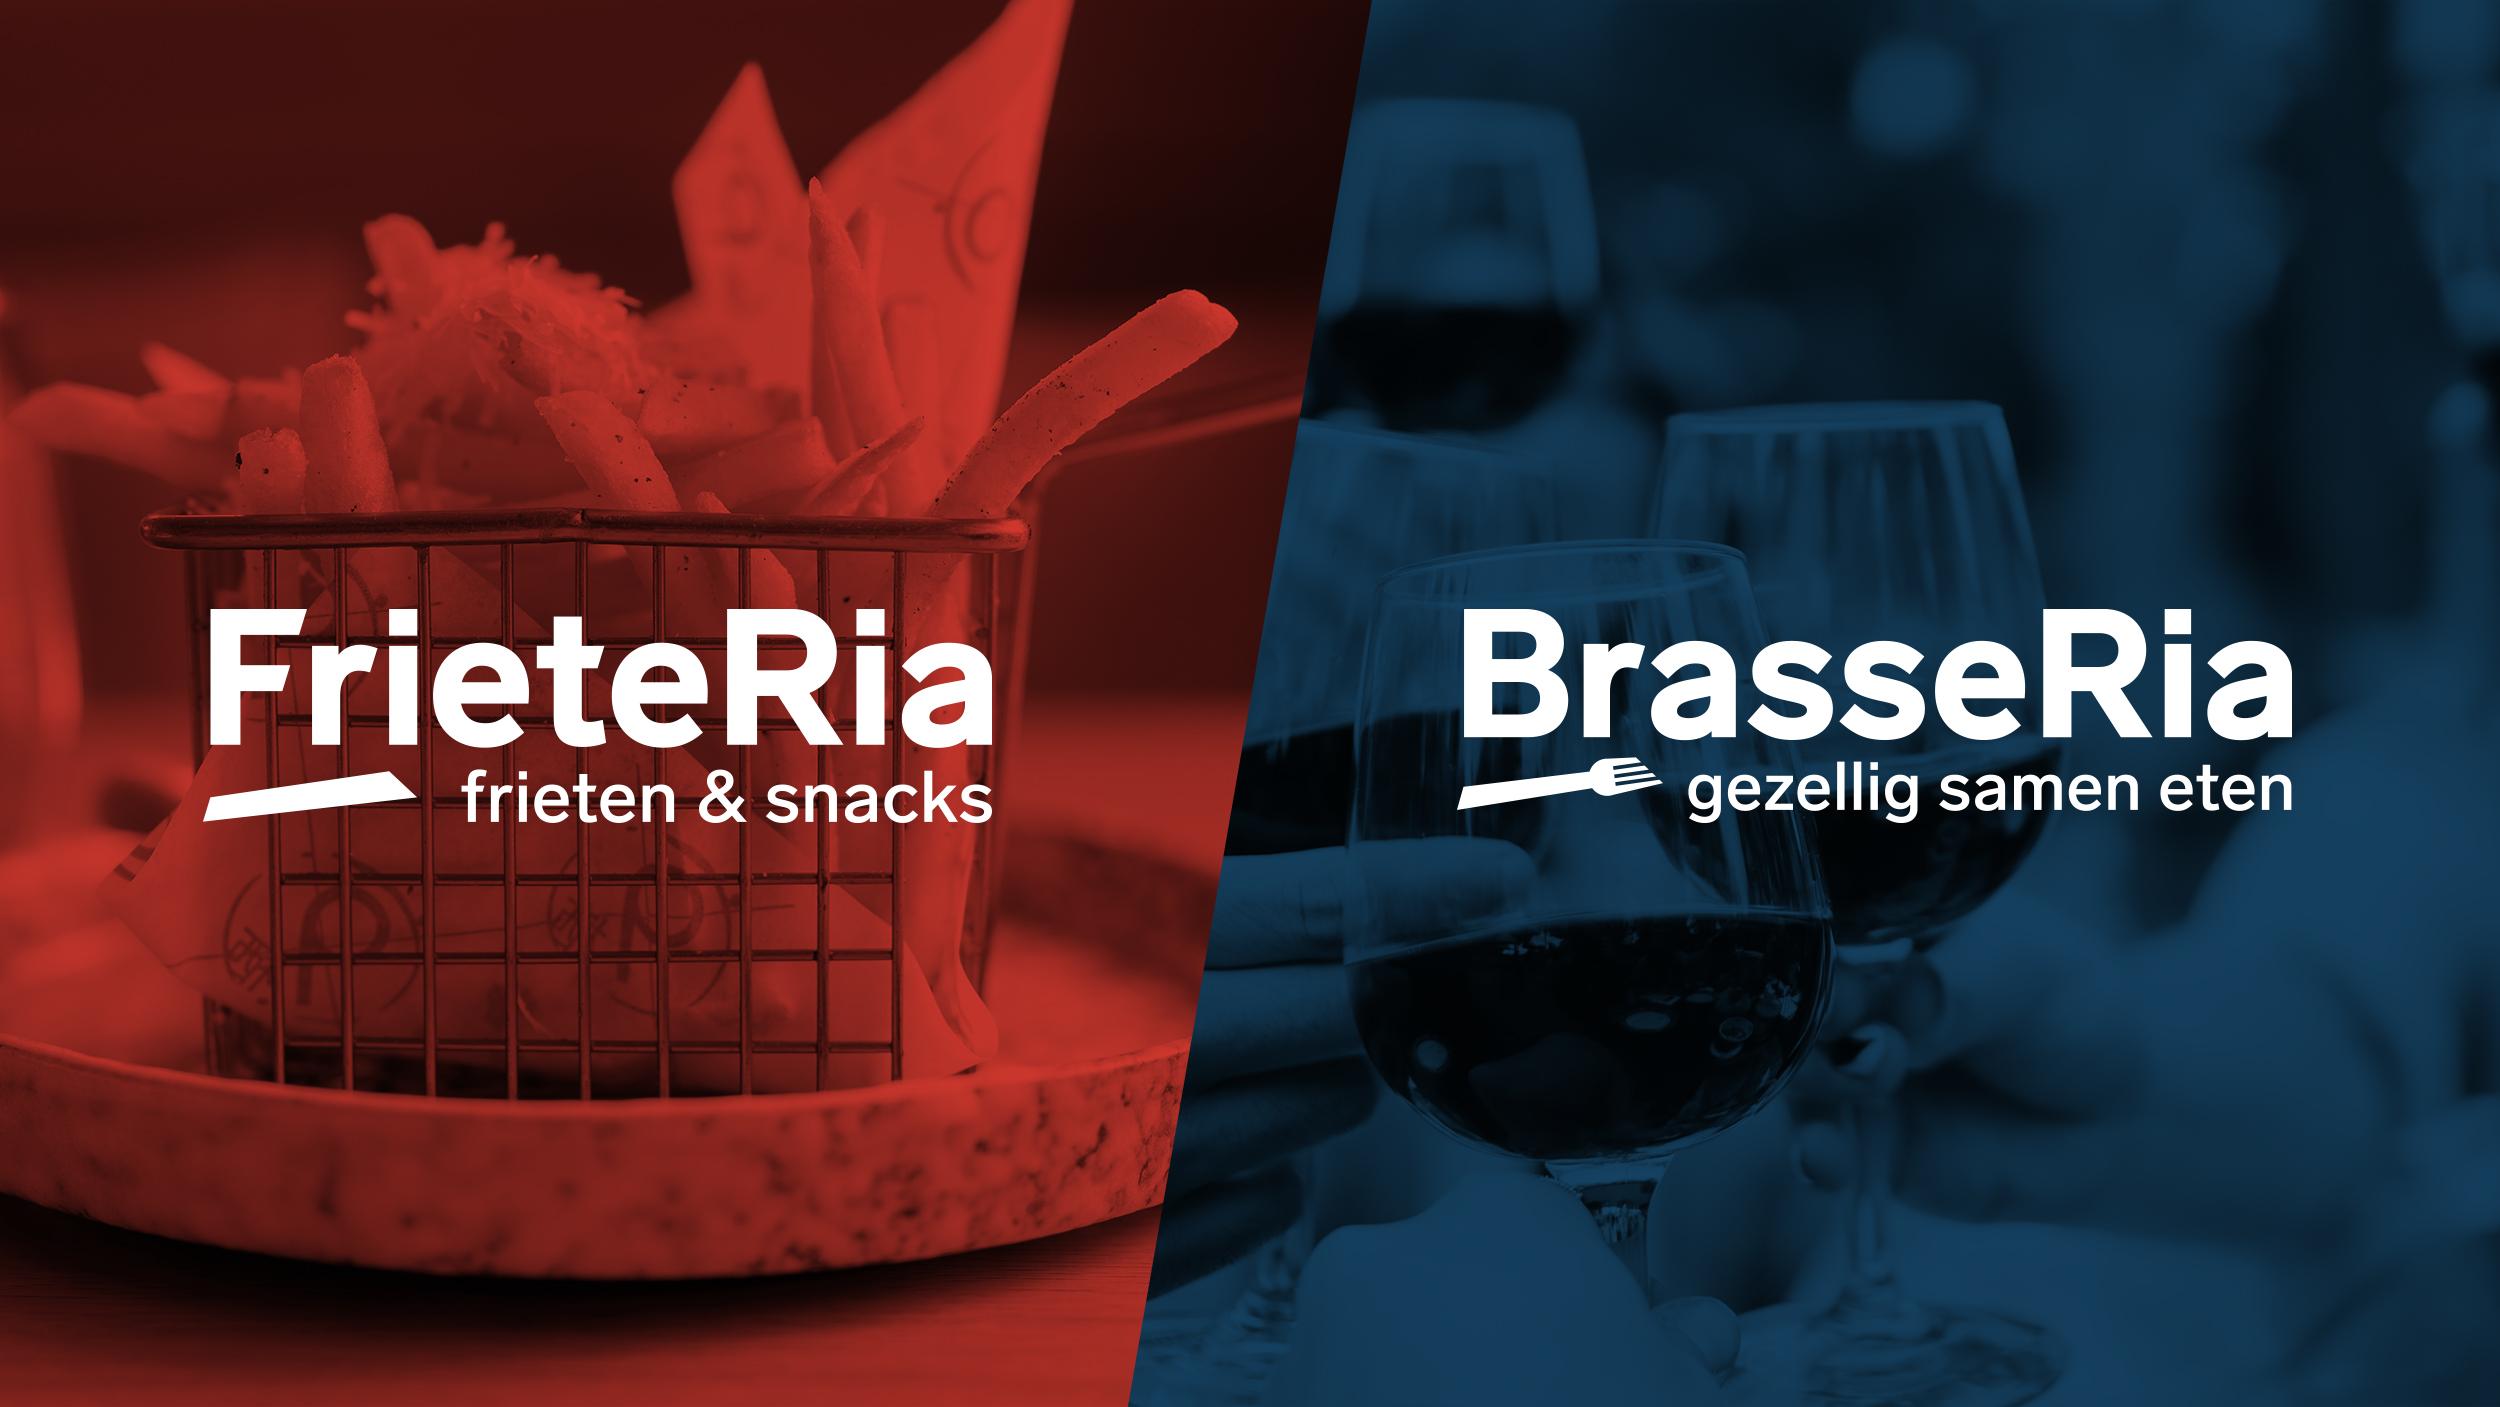 Logo FrieteRia(l) & BrasseRia (r)